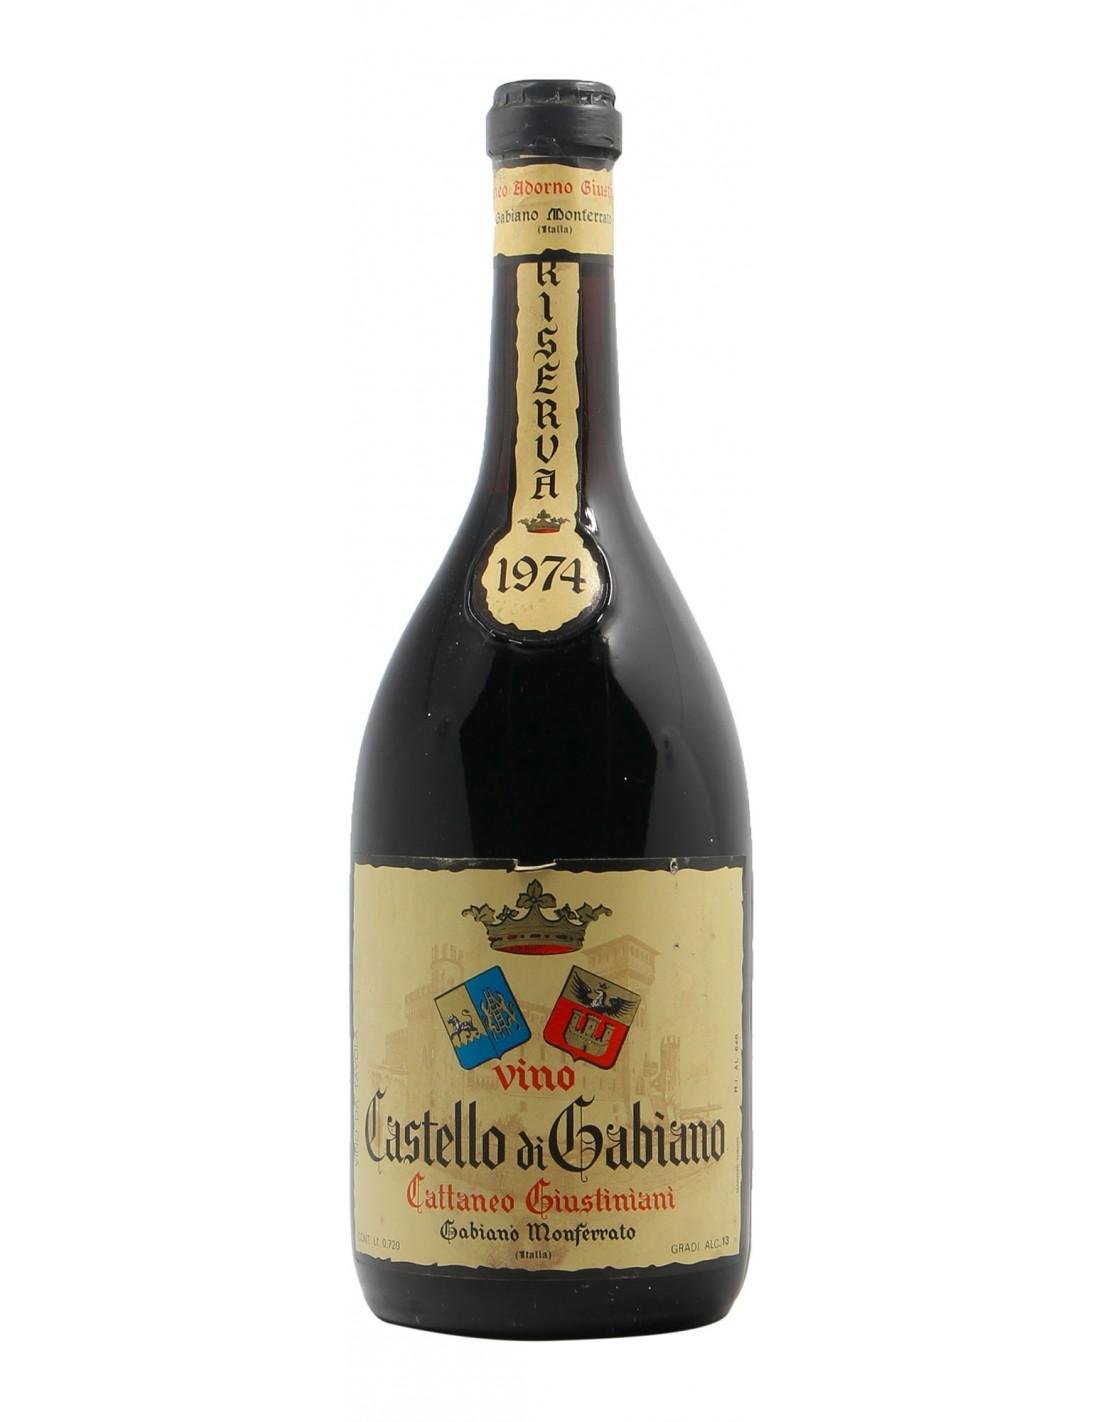 CASTELLO DI GABIANO RISERVA 1974 GIUSTINIANI Grandi Bottiglie